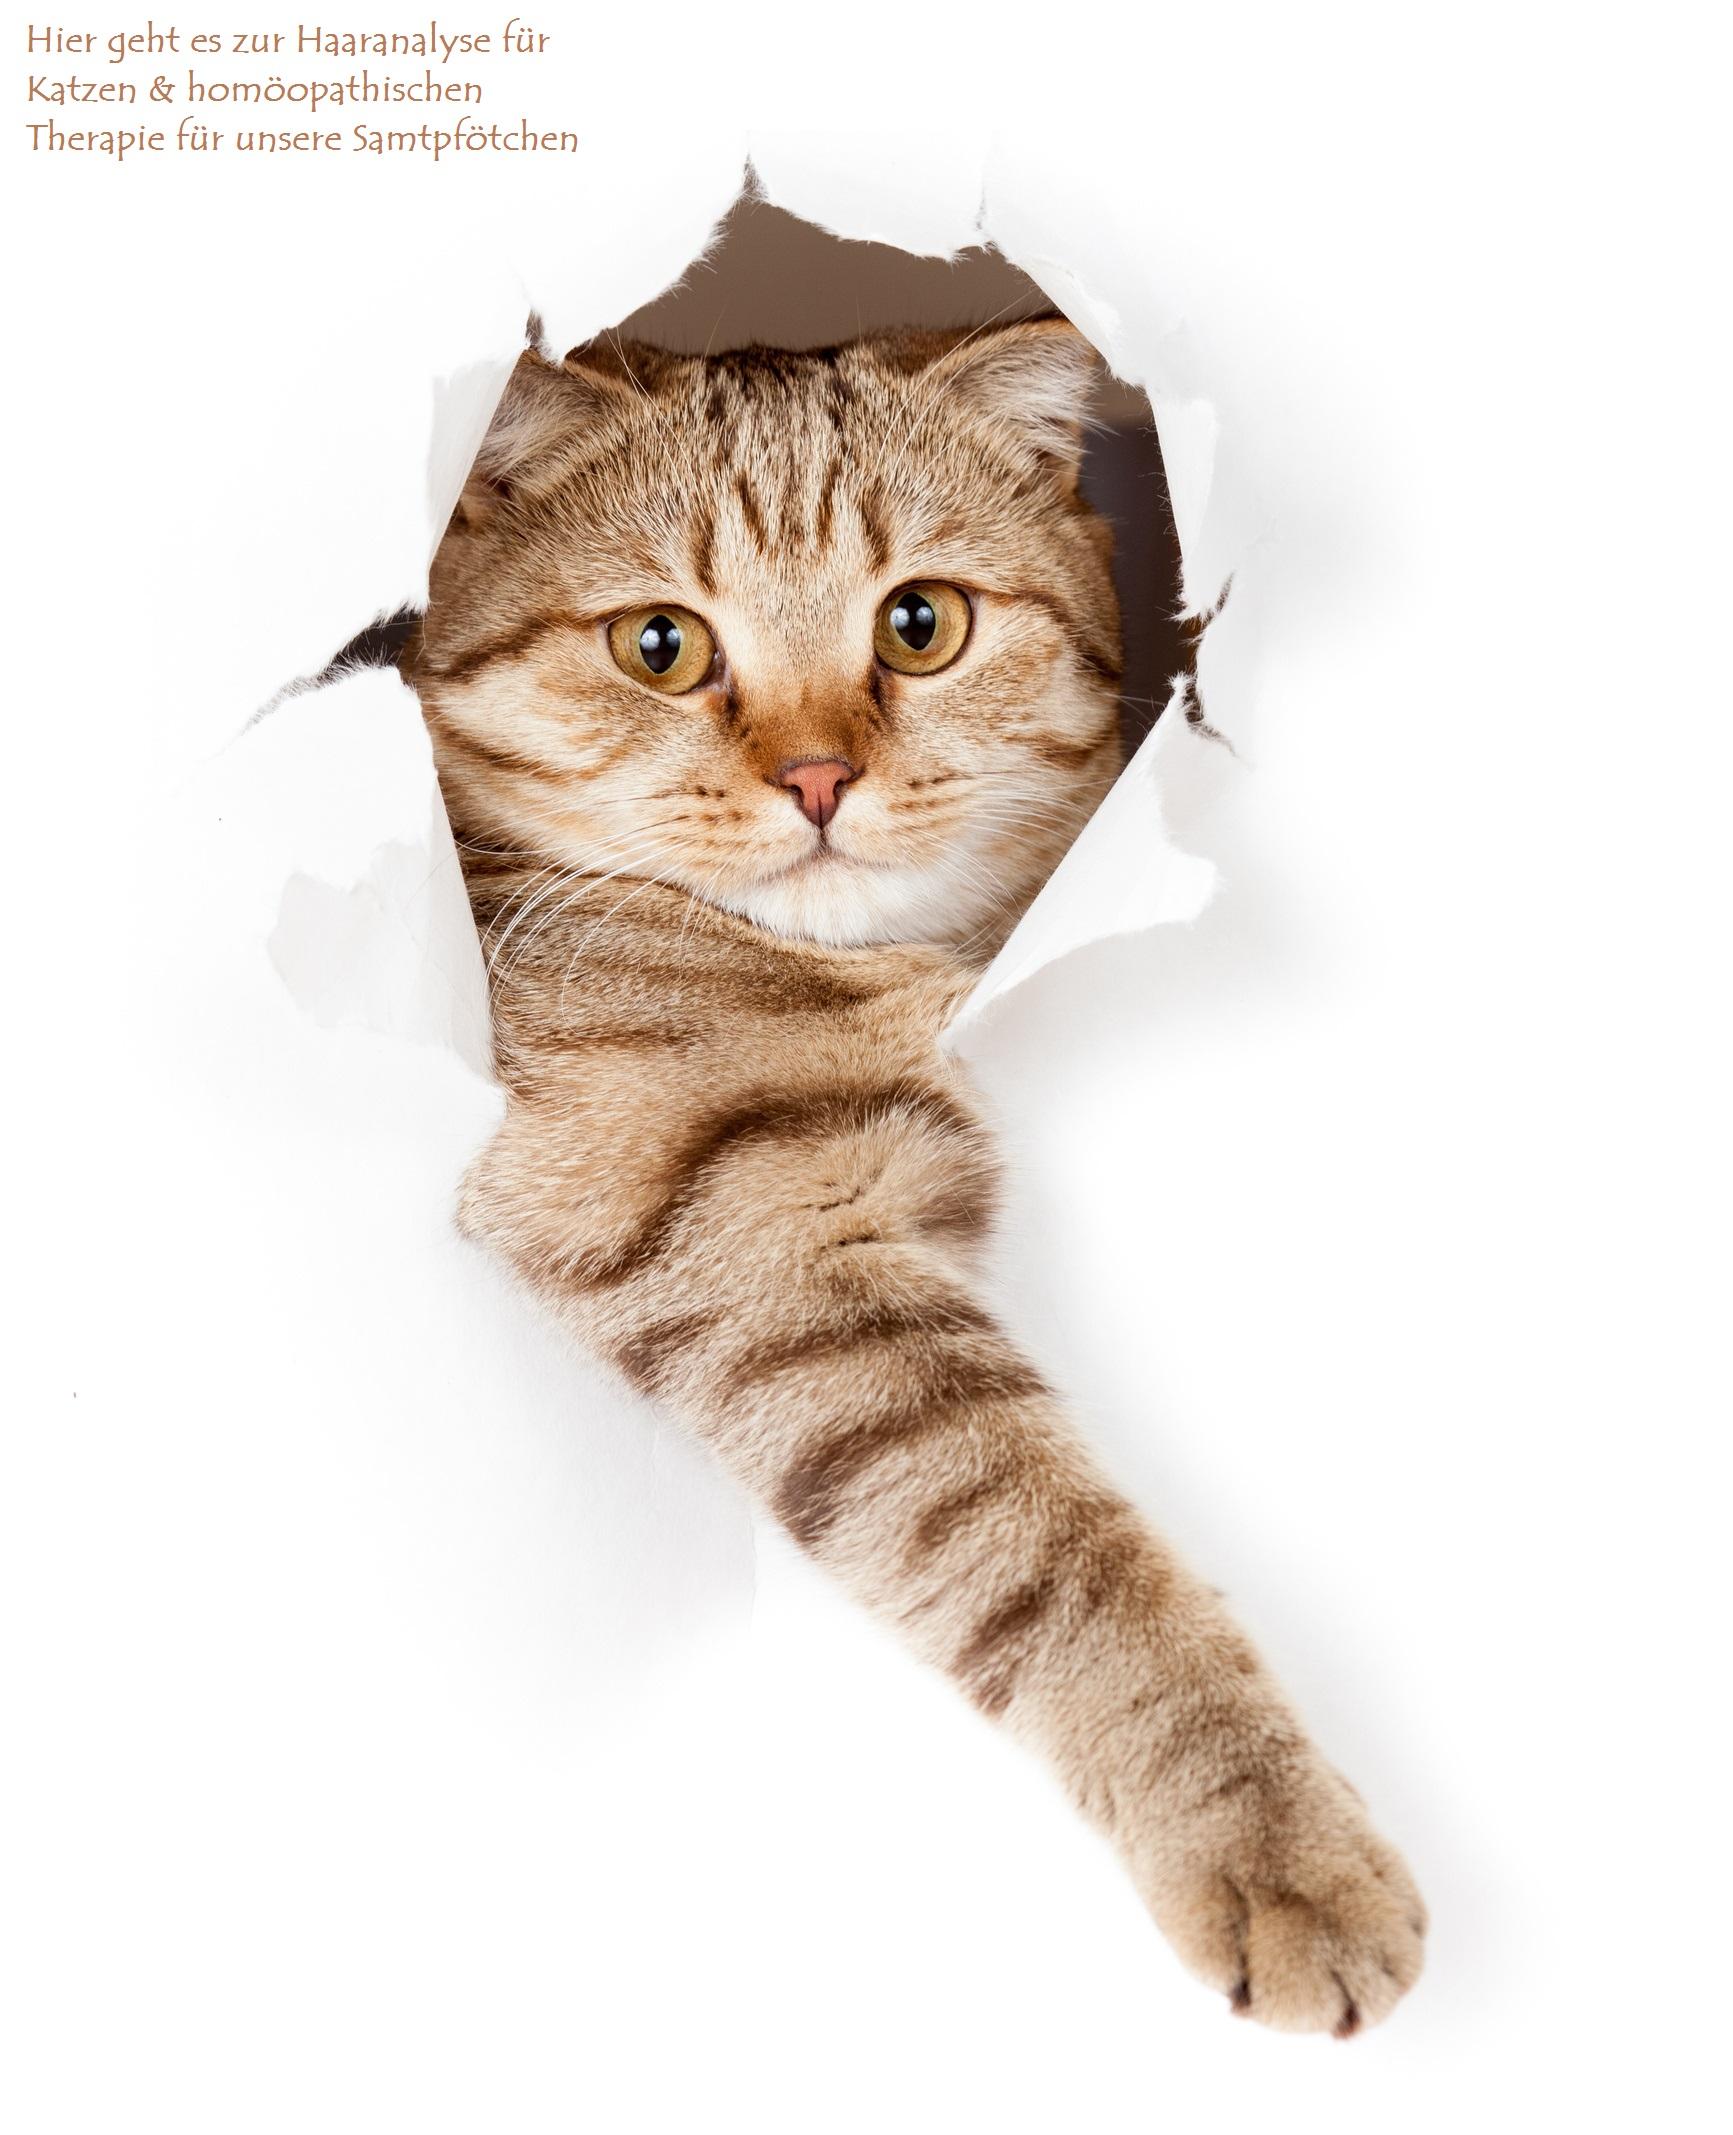 Herz Kreislauerkrankungen bei Katzen